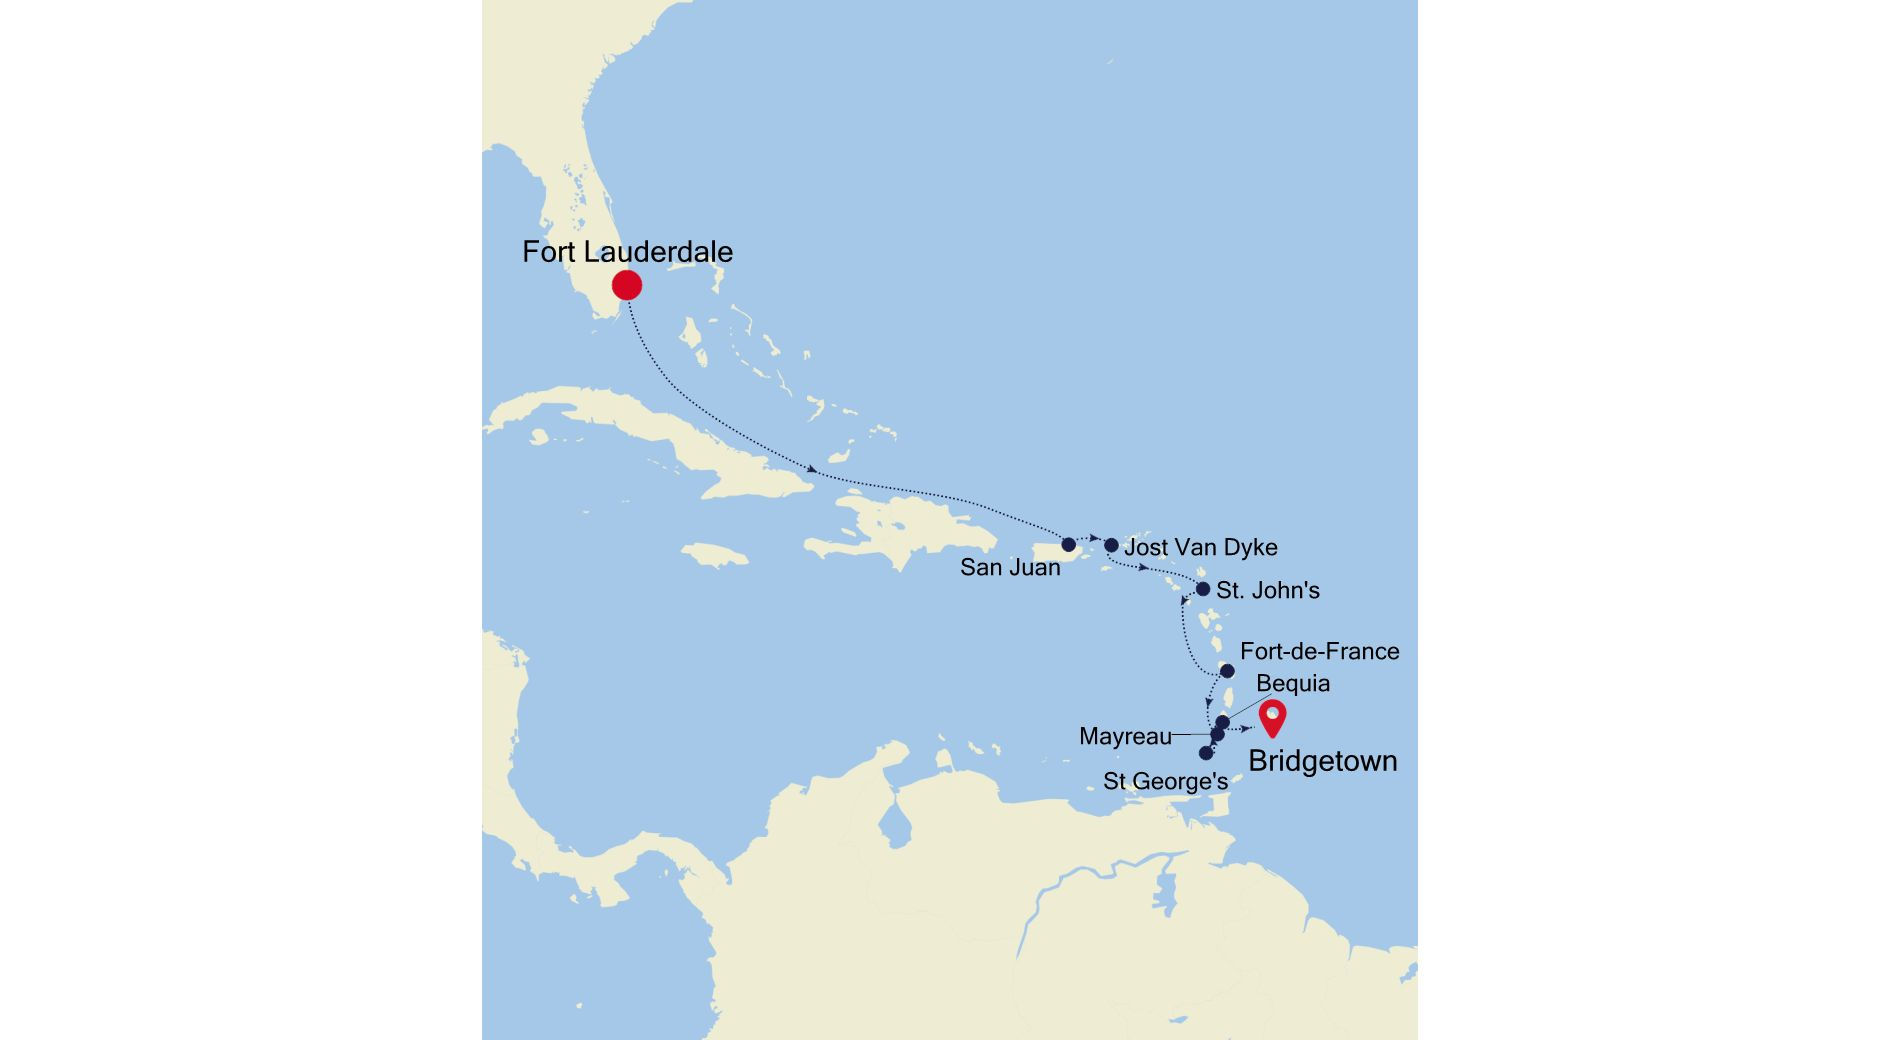 WH201110010 - Fort Lauderdale à Bridgetown